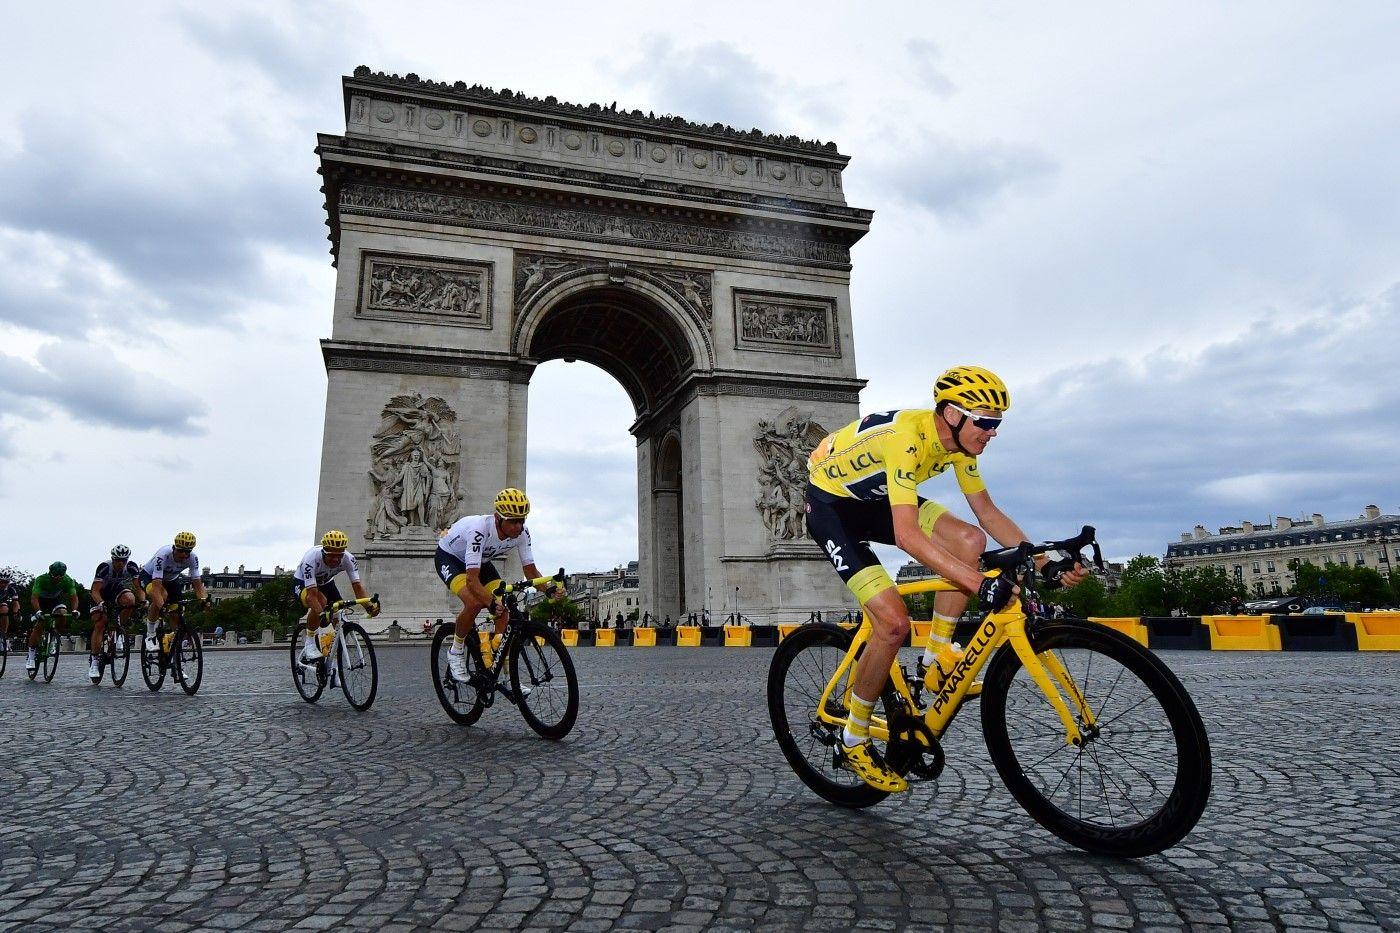 Tour de France 2017 - 23/07/2017 - Etape 21 - Montgeron / Paris Champs-Elysees (103 km) - France - Christopher FROOME (TEM SKY)